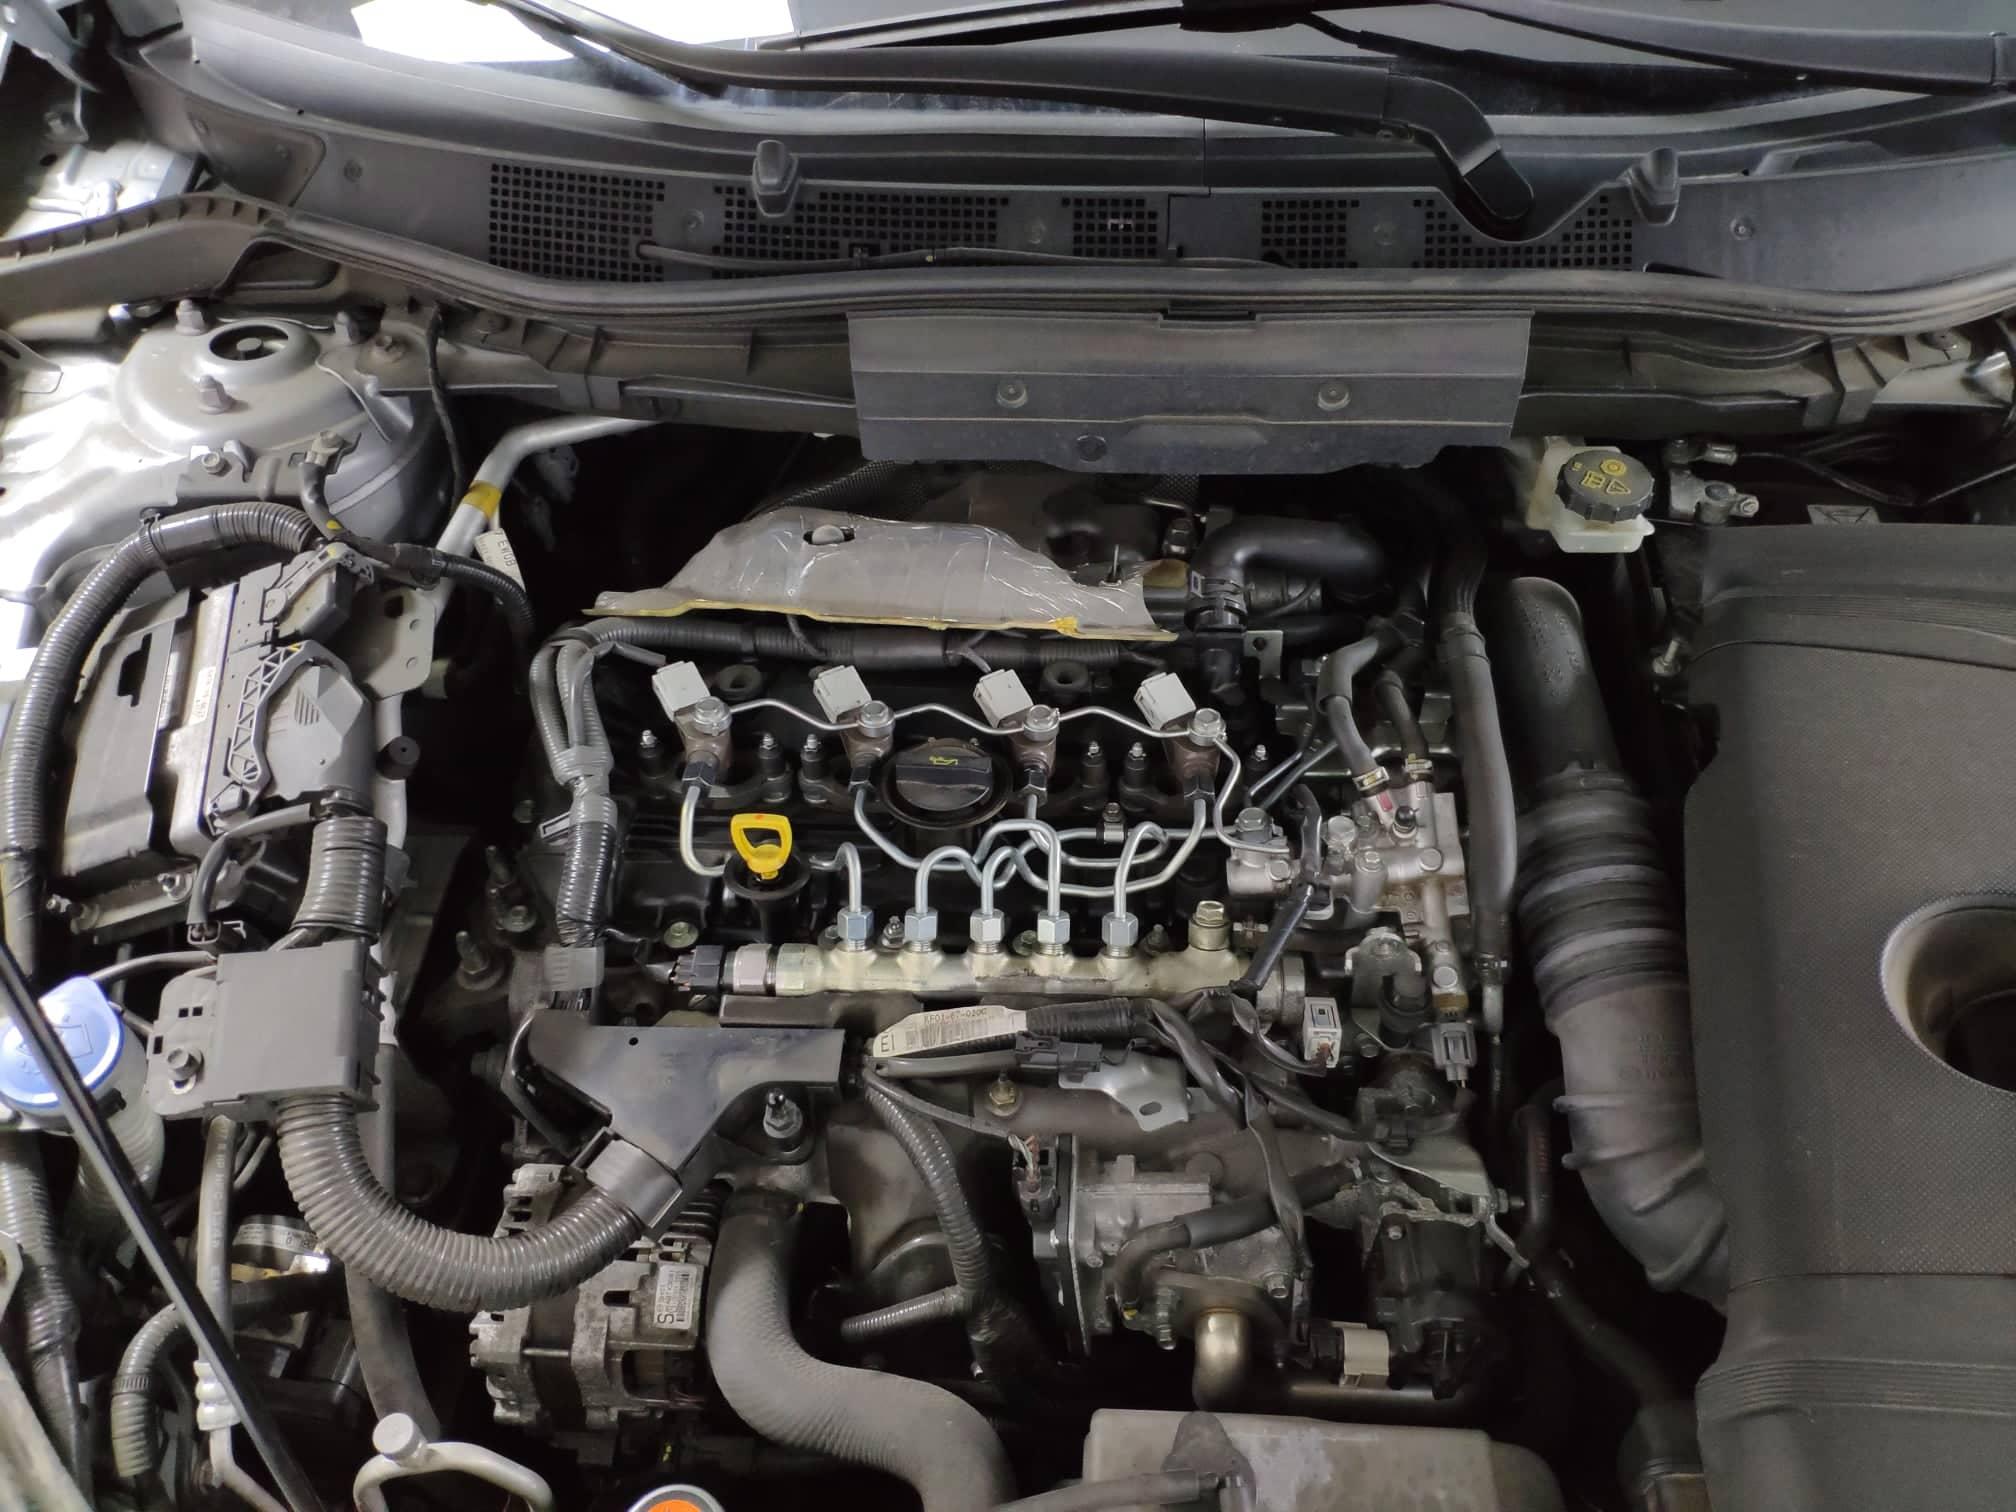 verificare masina second hand mazda cx-5 vedere motor